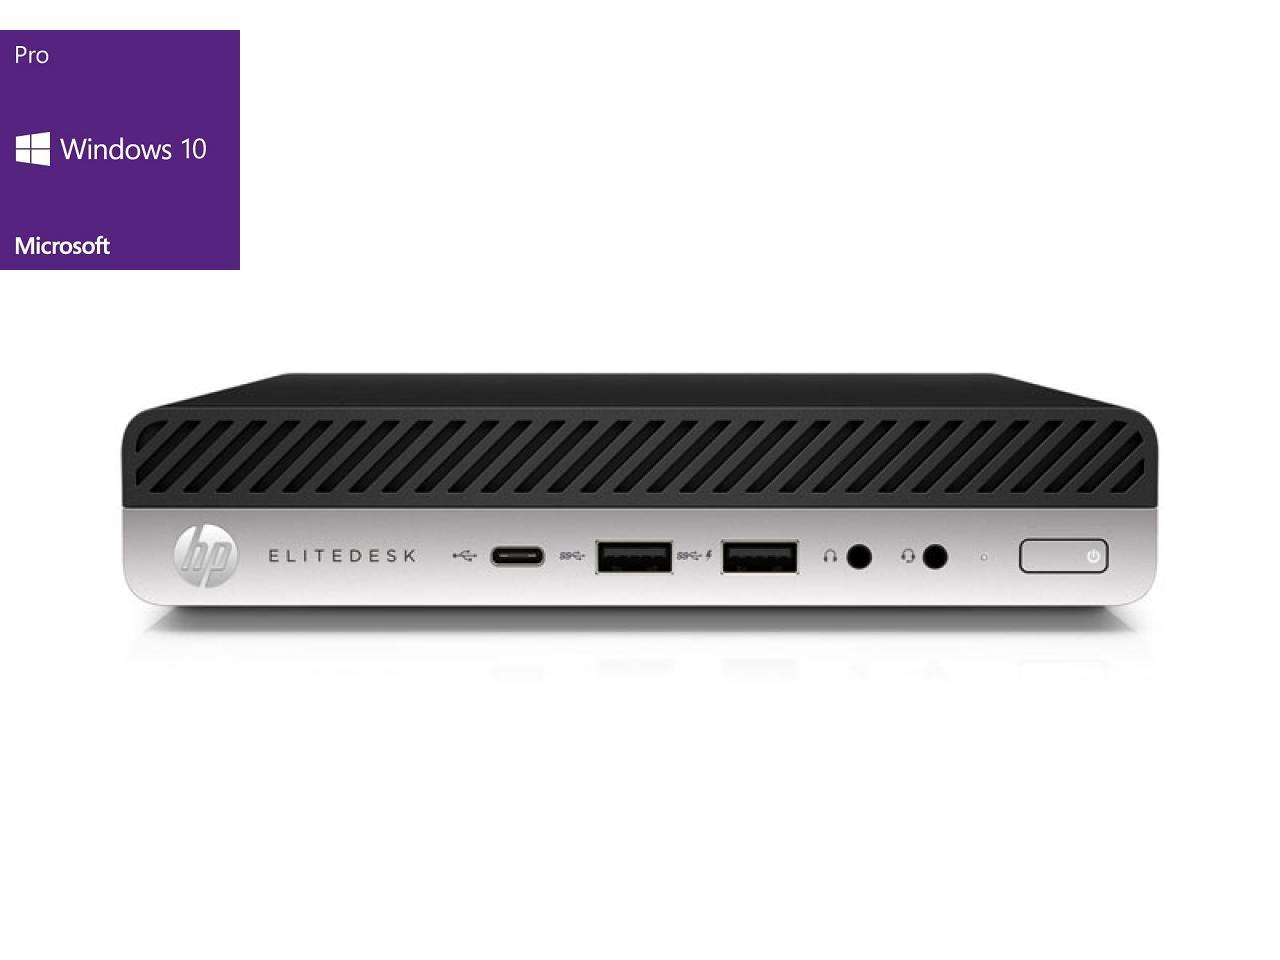 Hewlett Packard EliteDesk 800 G3 MP  - shop.bb-net.de